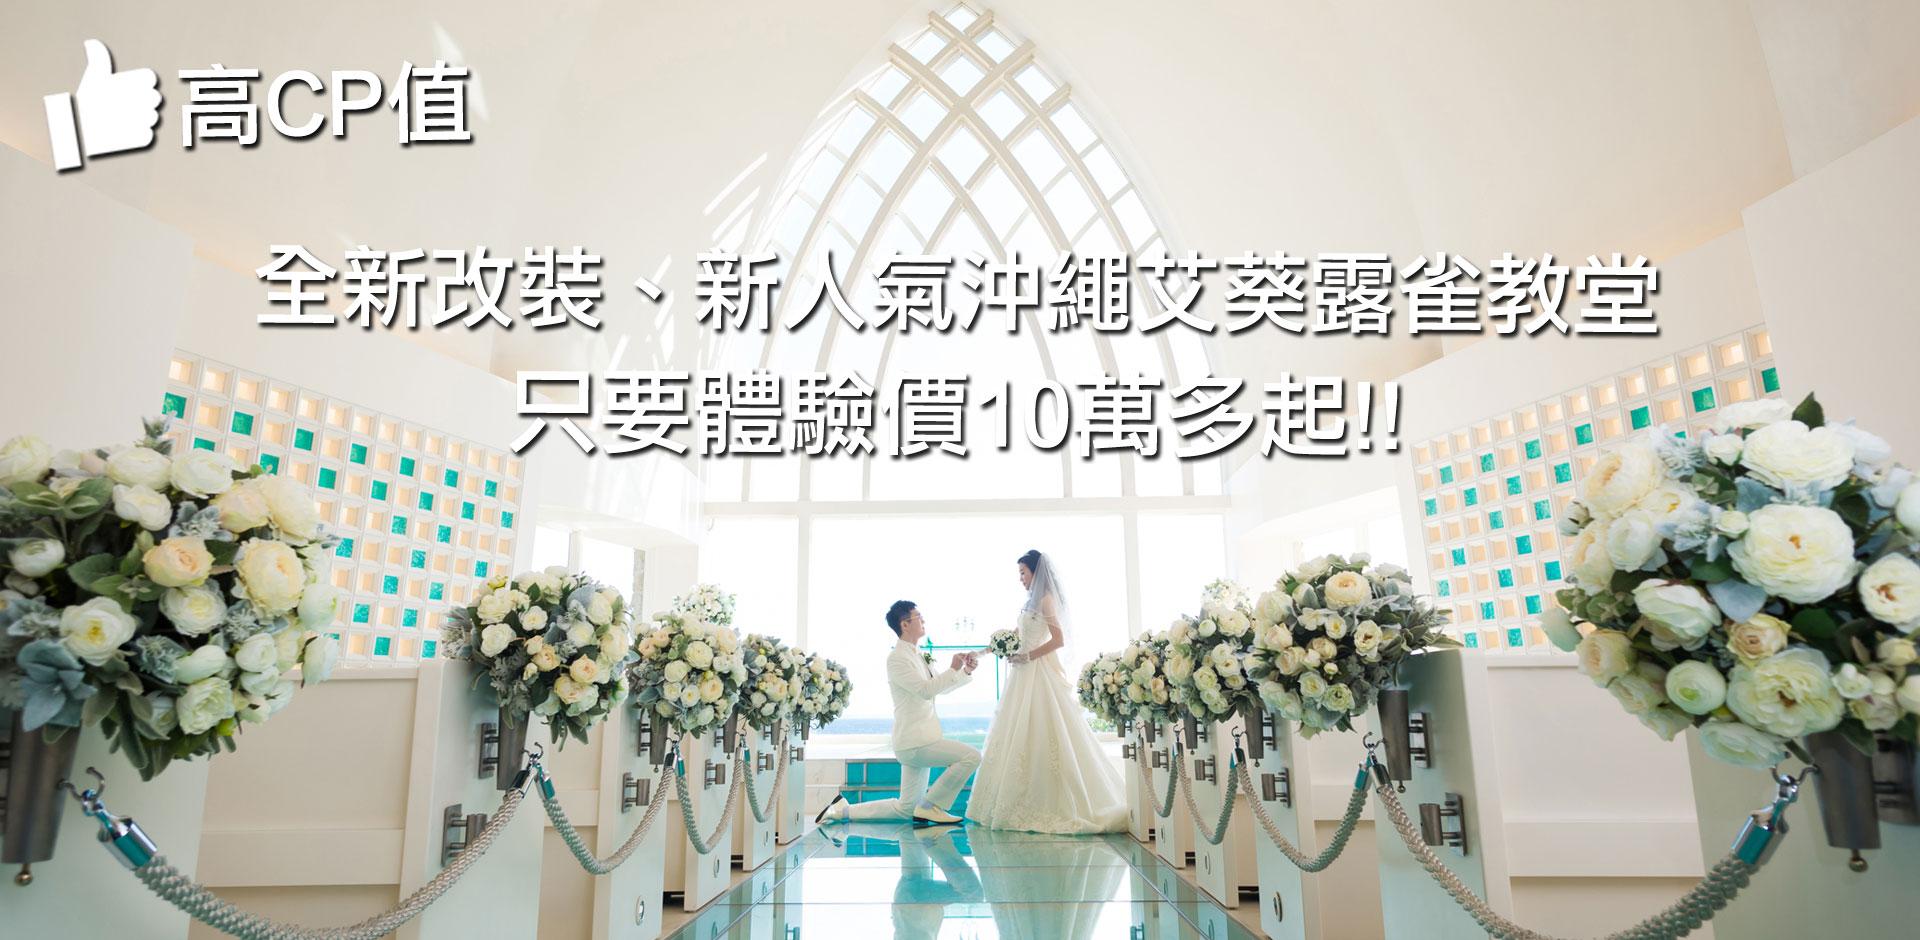 高CP值!!全新改裝、新人氣沖繩艾葵露雀教堂,只要體驗價10萬多起!!